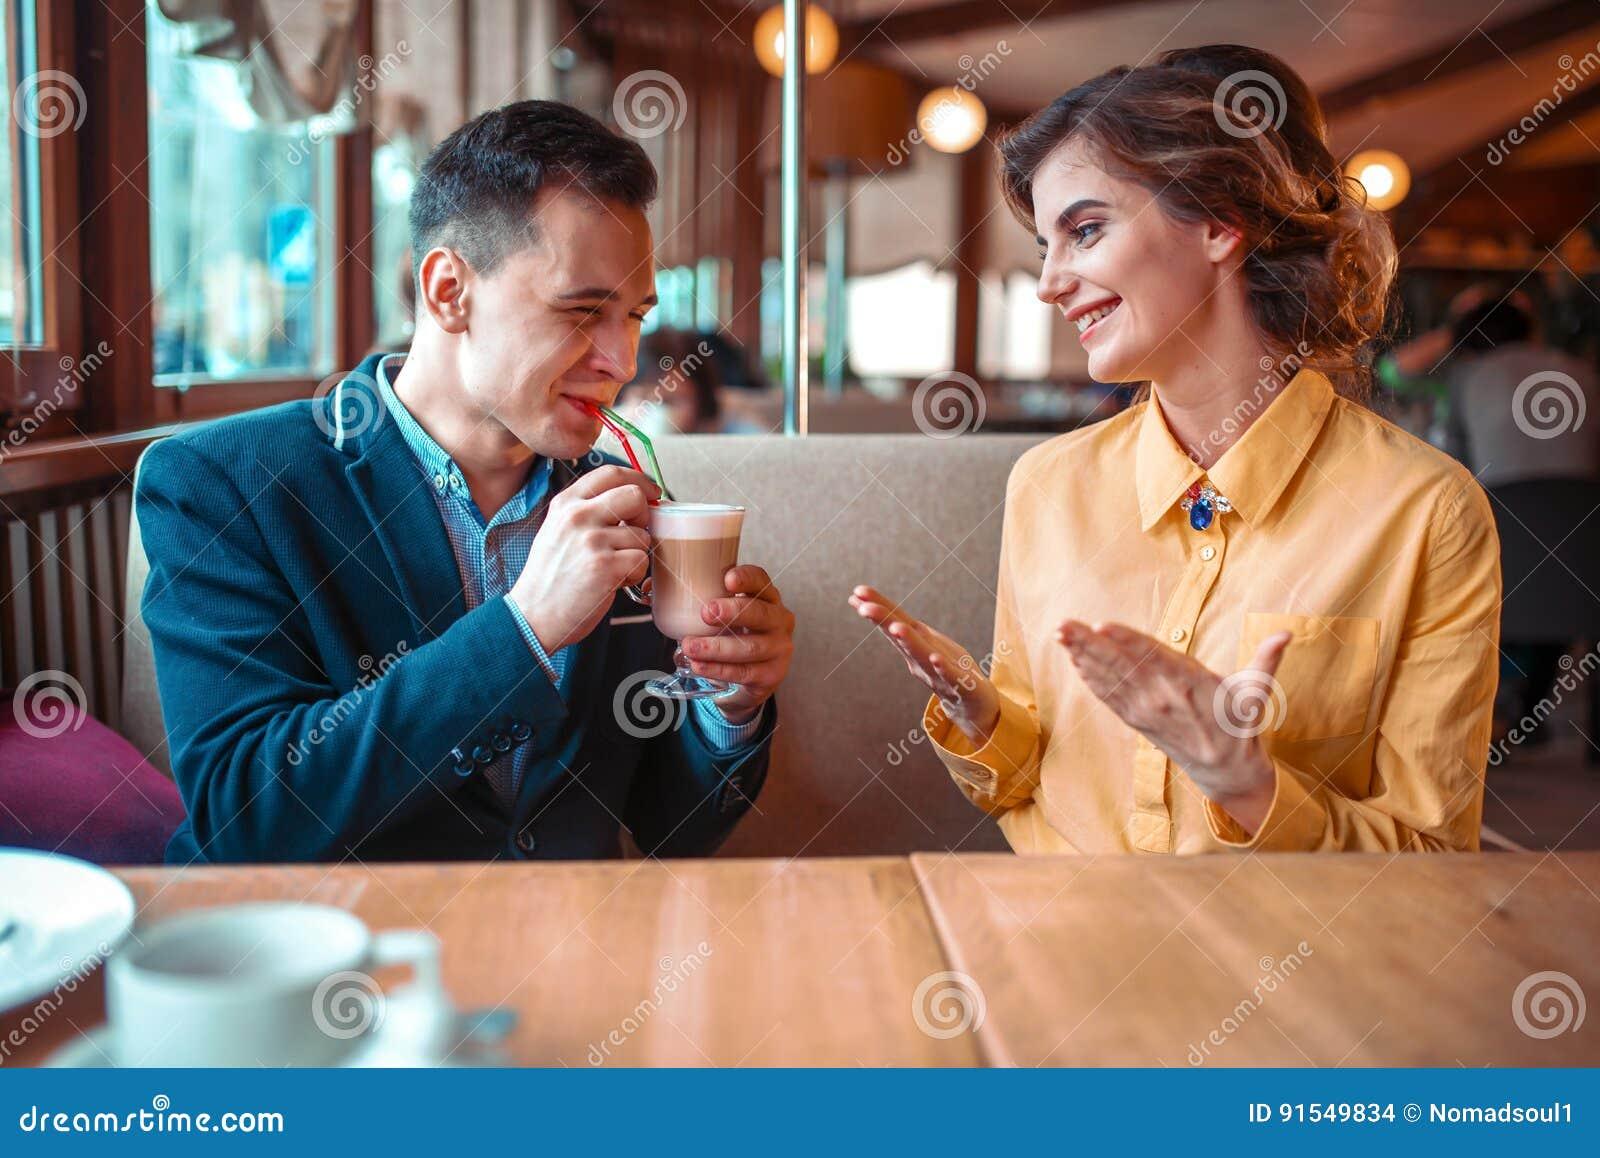 Человек выпивает коктеиль от соломы против женщины